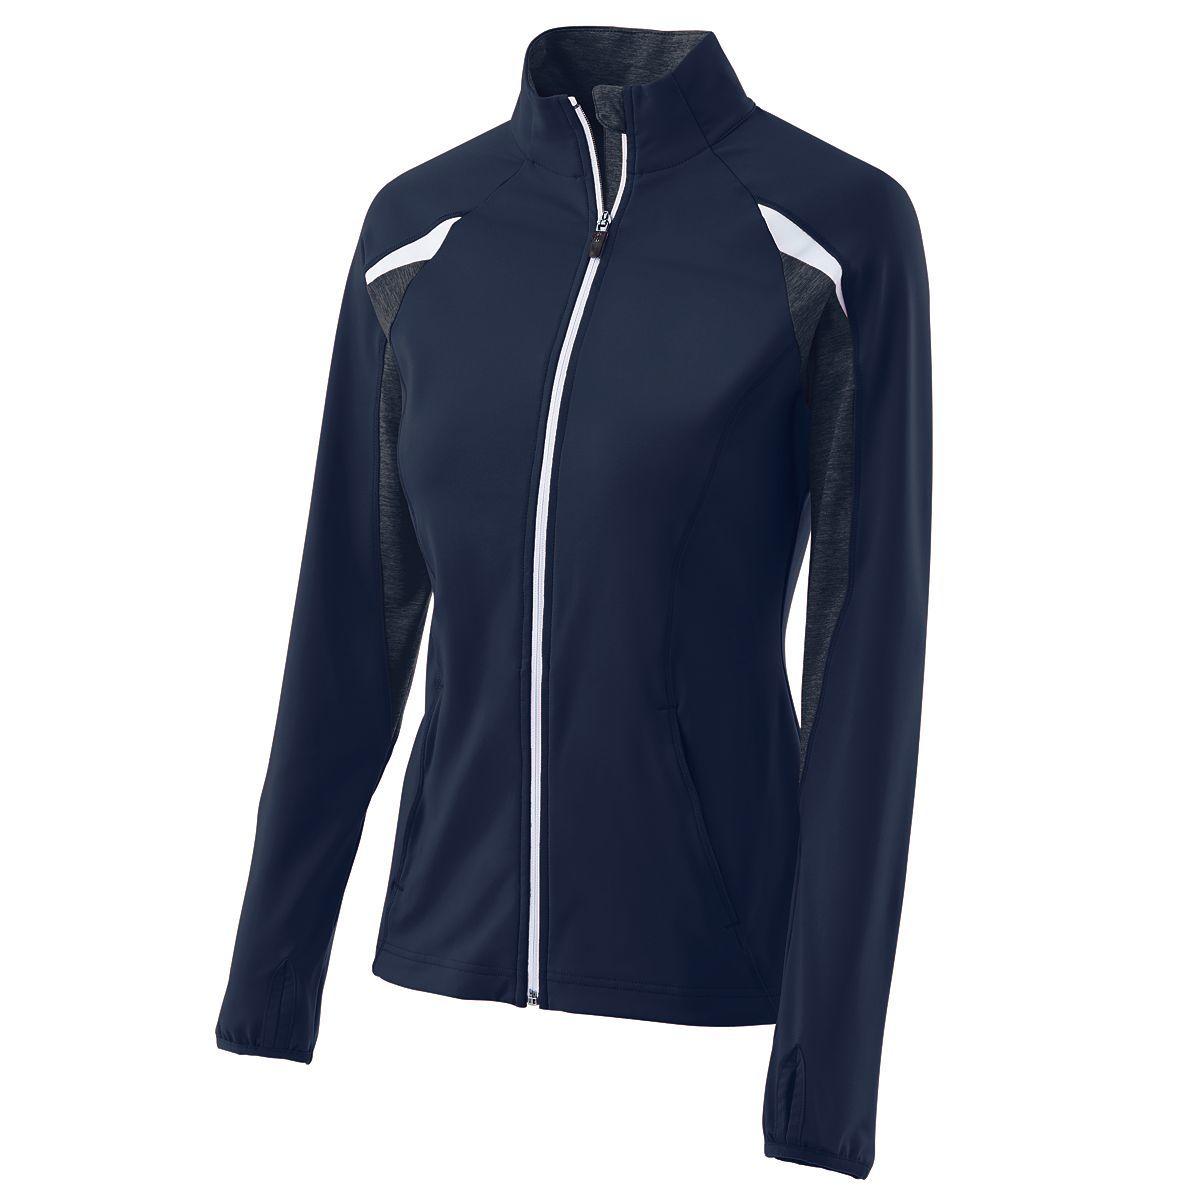 Ladies Tumble Jacket - NAVY/NAVY HEATHER/WHITE